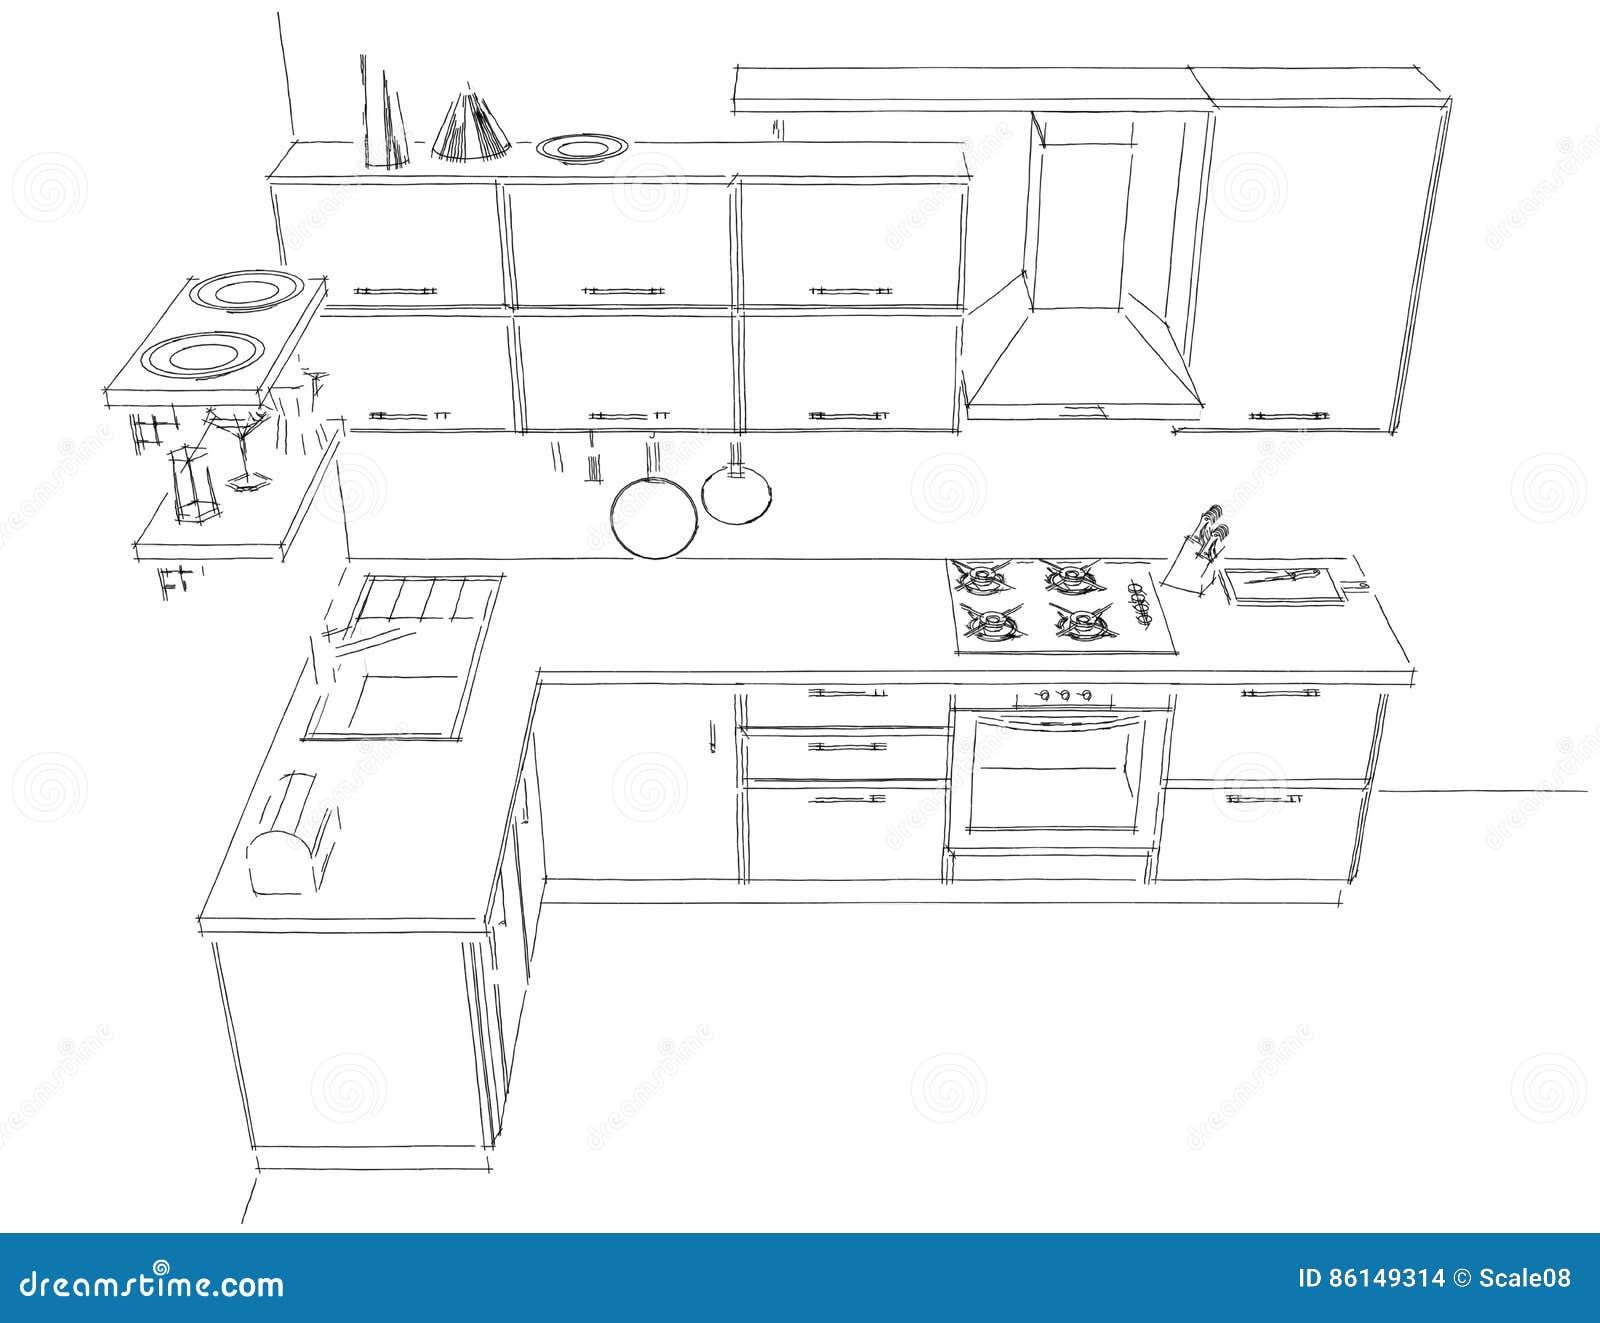 Dibujo cocina simple dibujo interior de la cocina de for Programas de dibujo de cocinas gratis